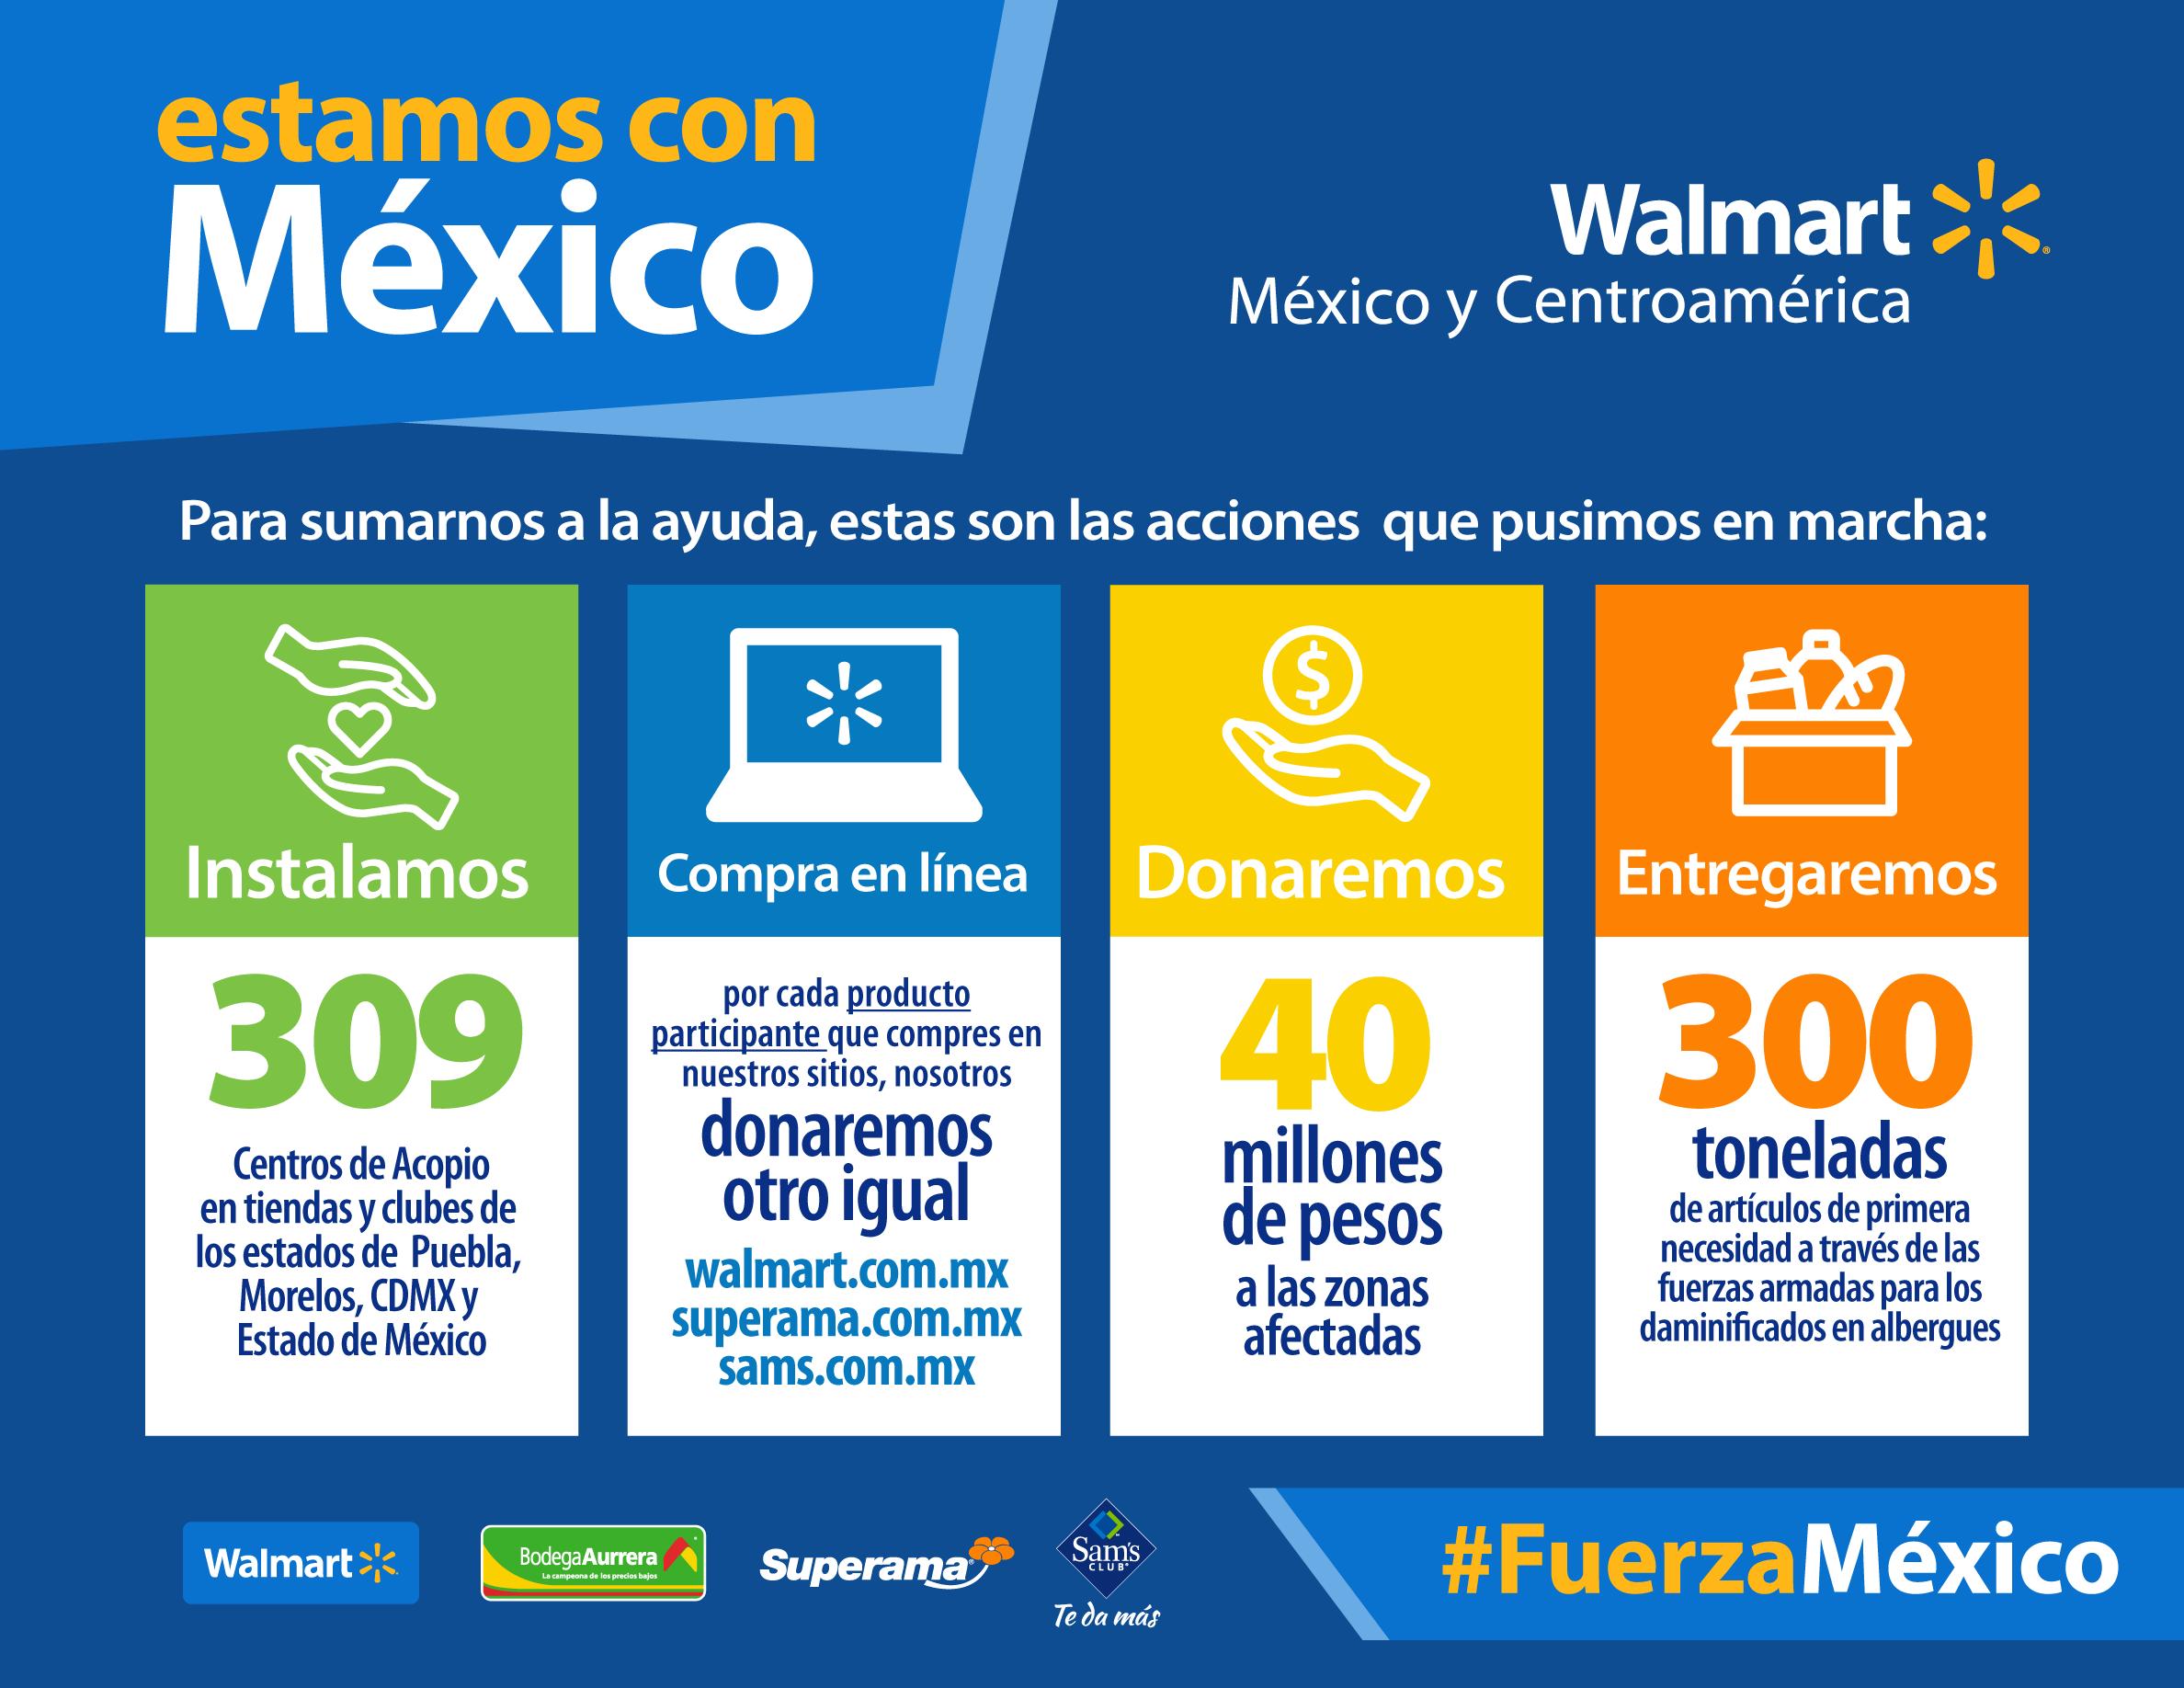 Estamos con México